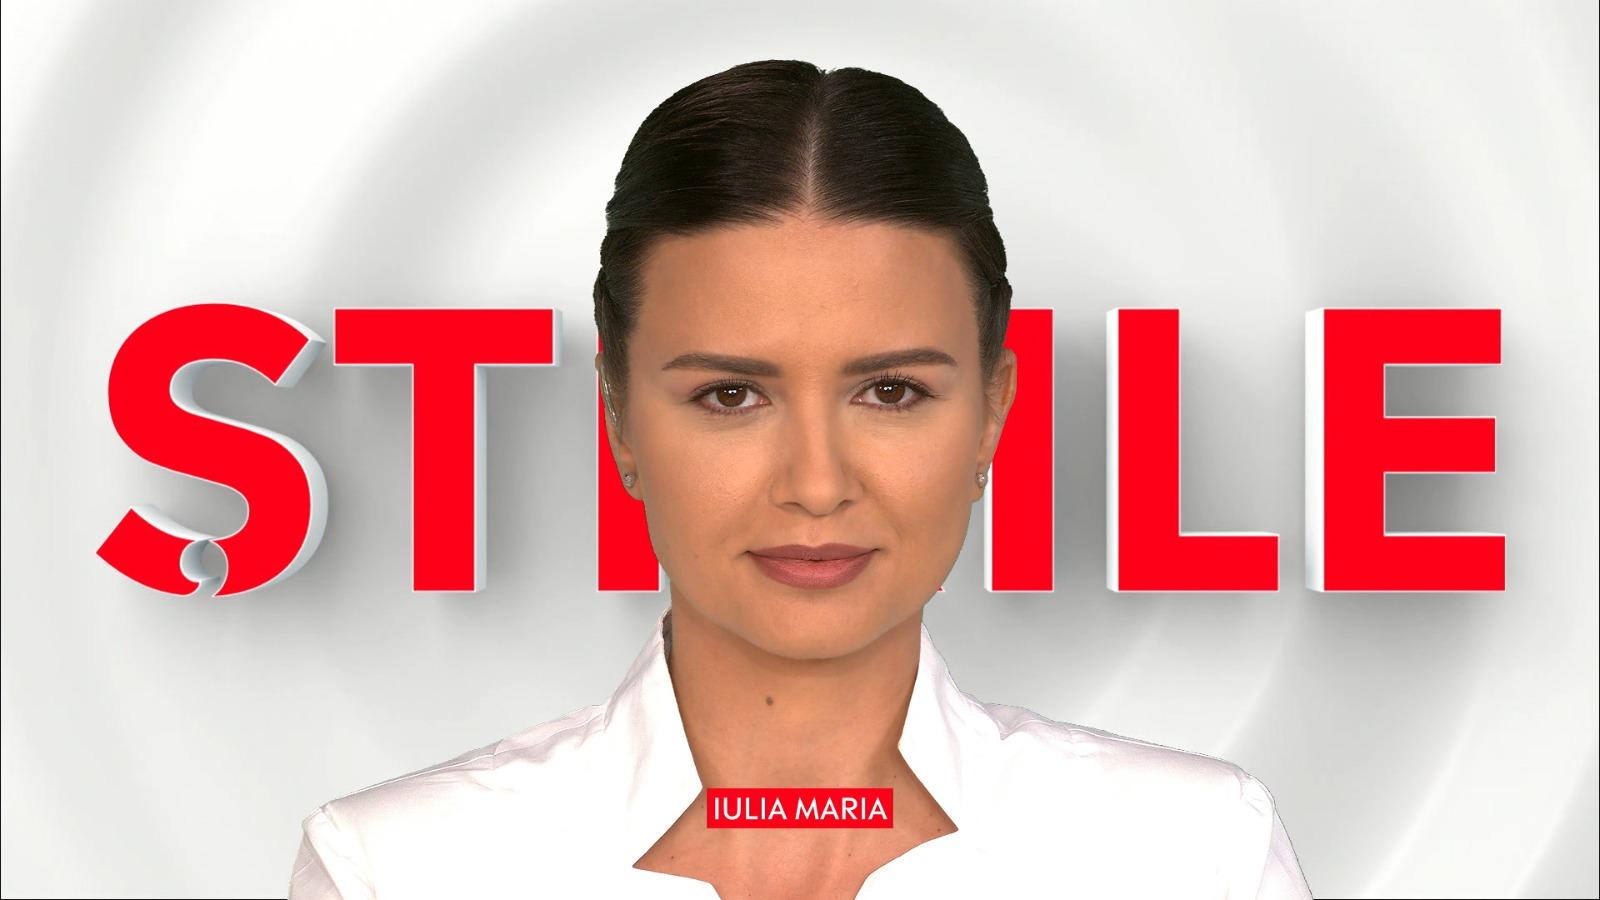 Știrile de la ora 14.00, prezentate de Iulia Maria, 29 septembrie 2020